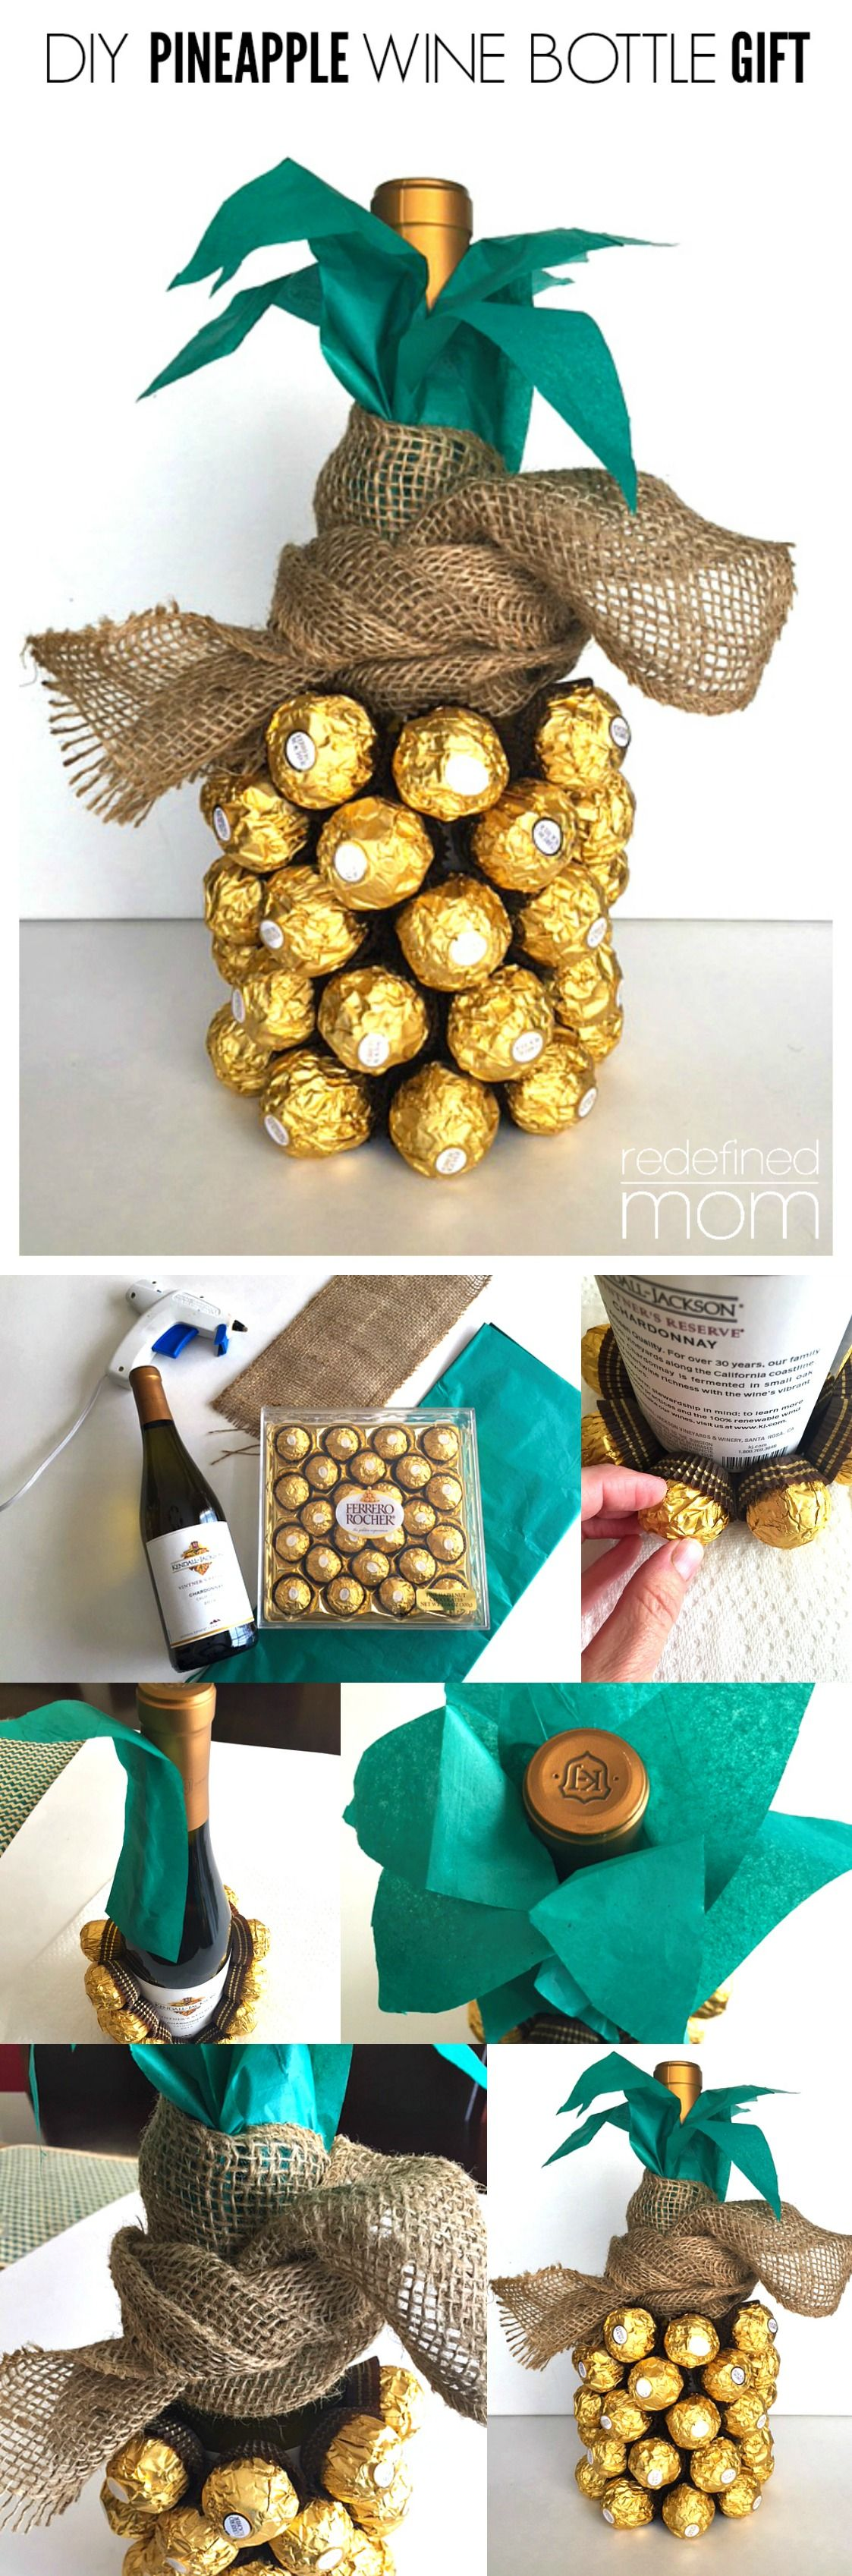 DIY Pineapple Wine Bottle Gift Tutorial   Wine bottle gift, Bottle ...